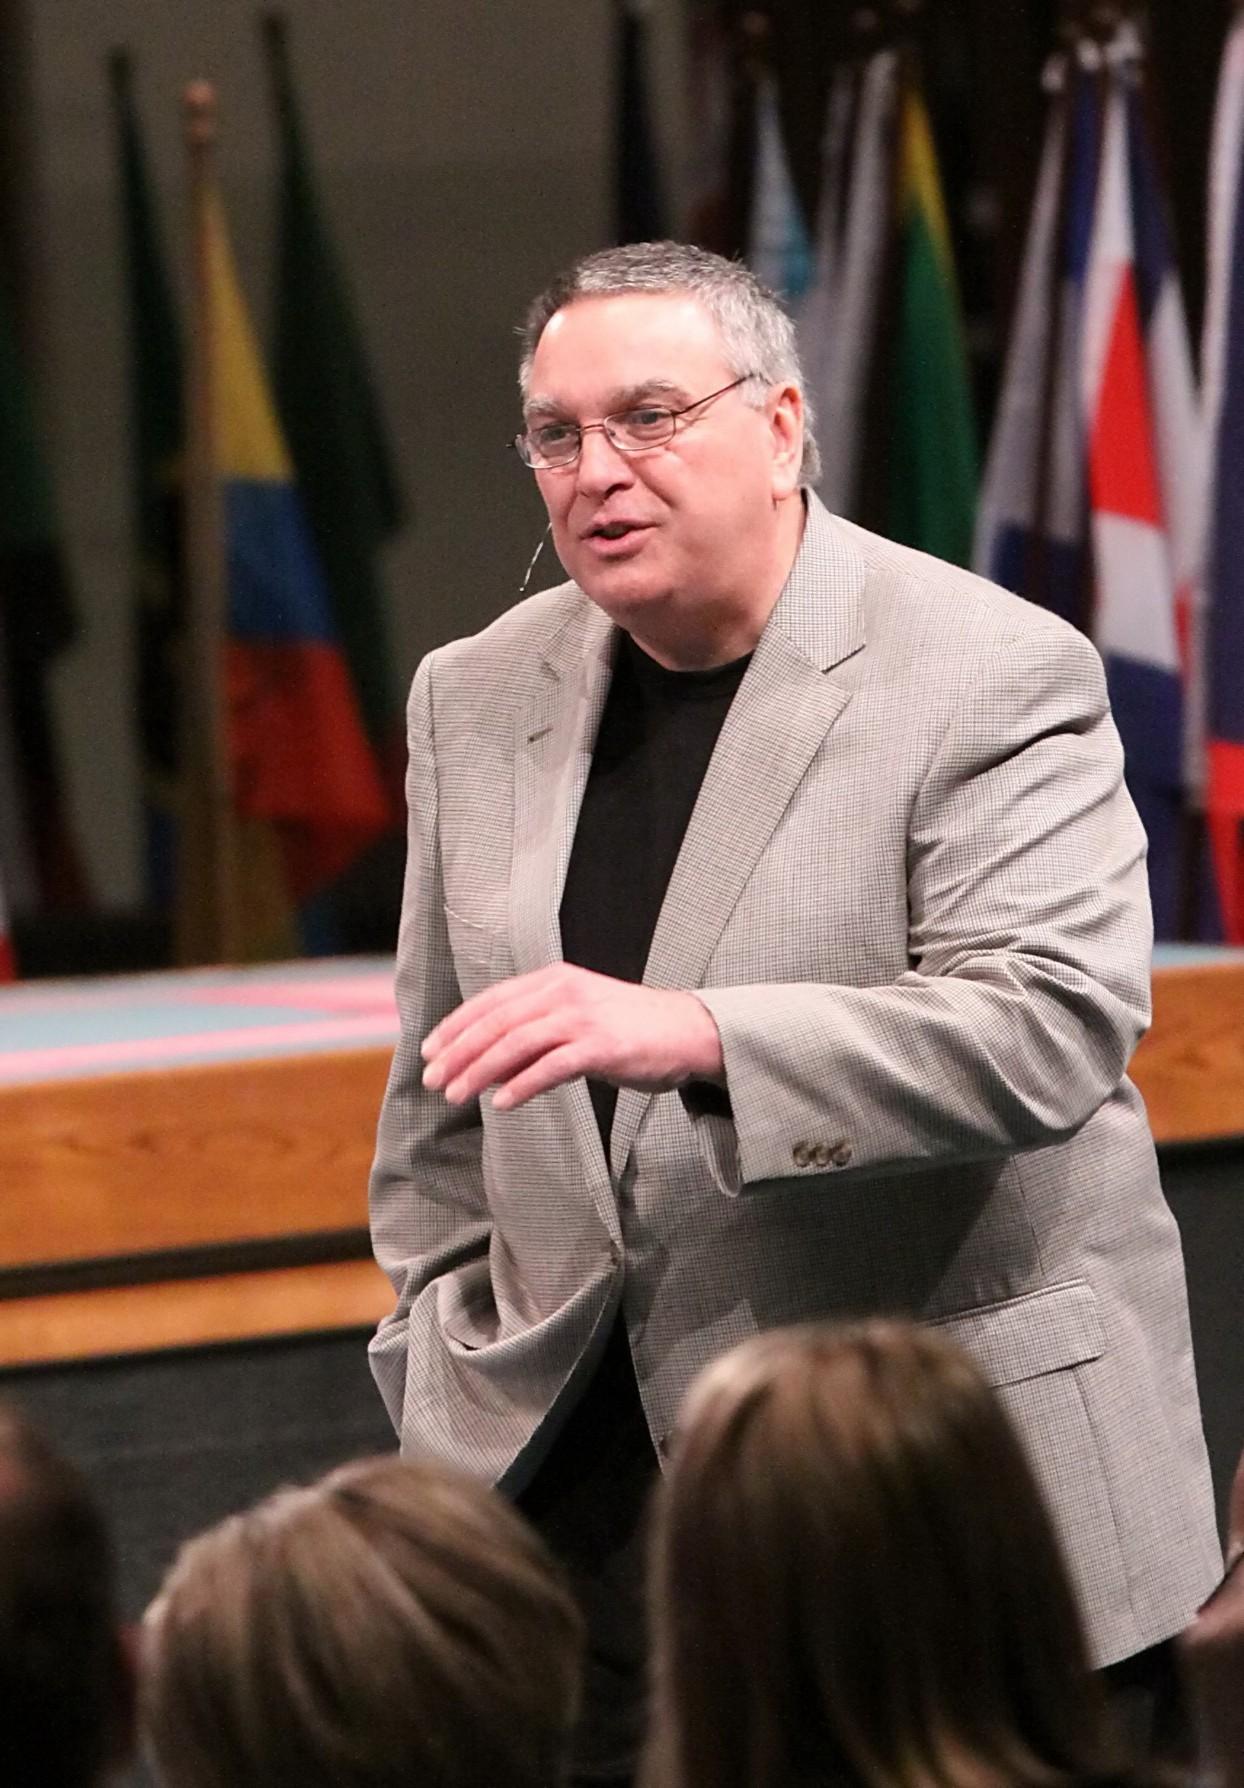 Rev. Doug Jones